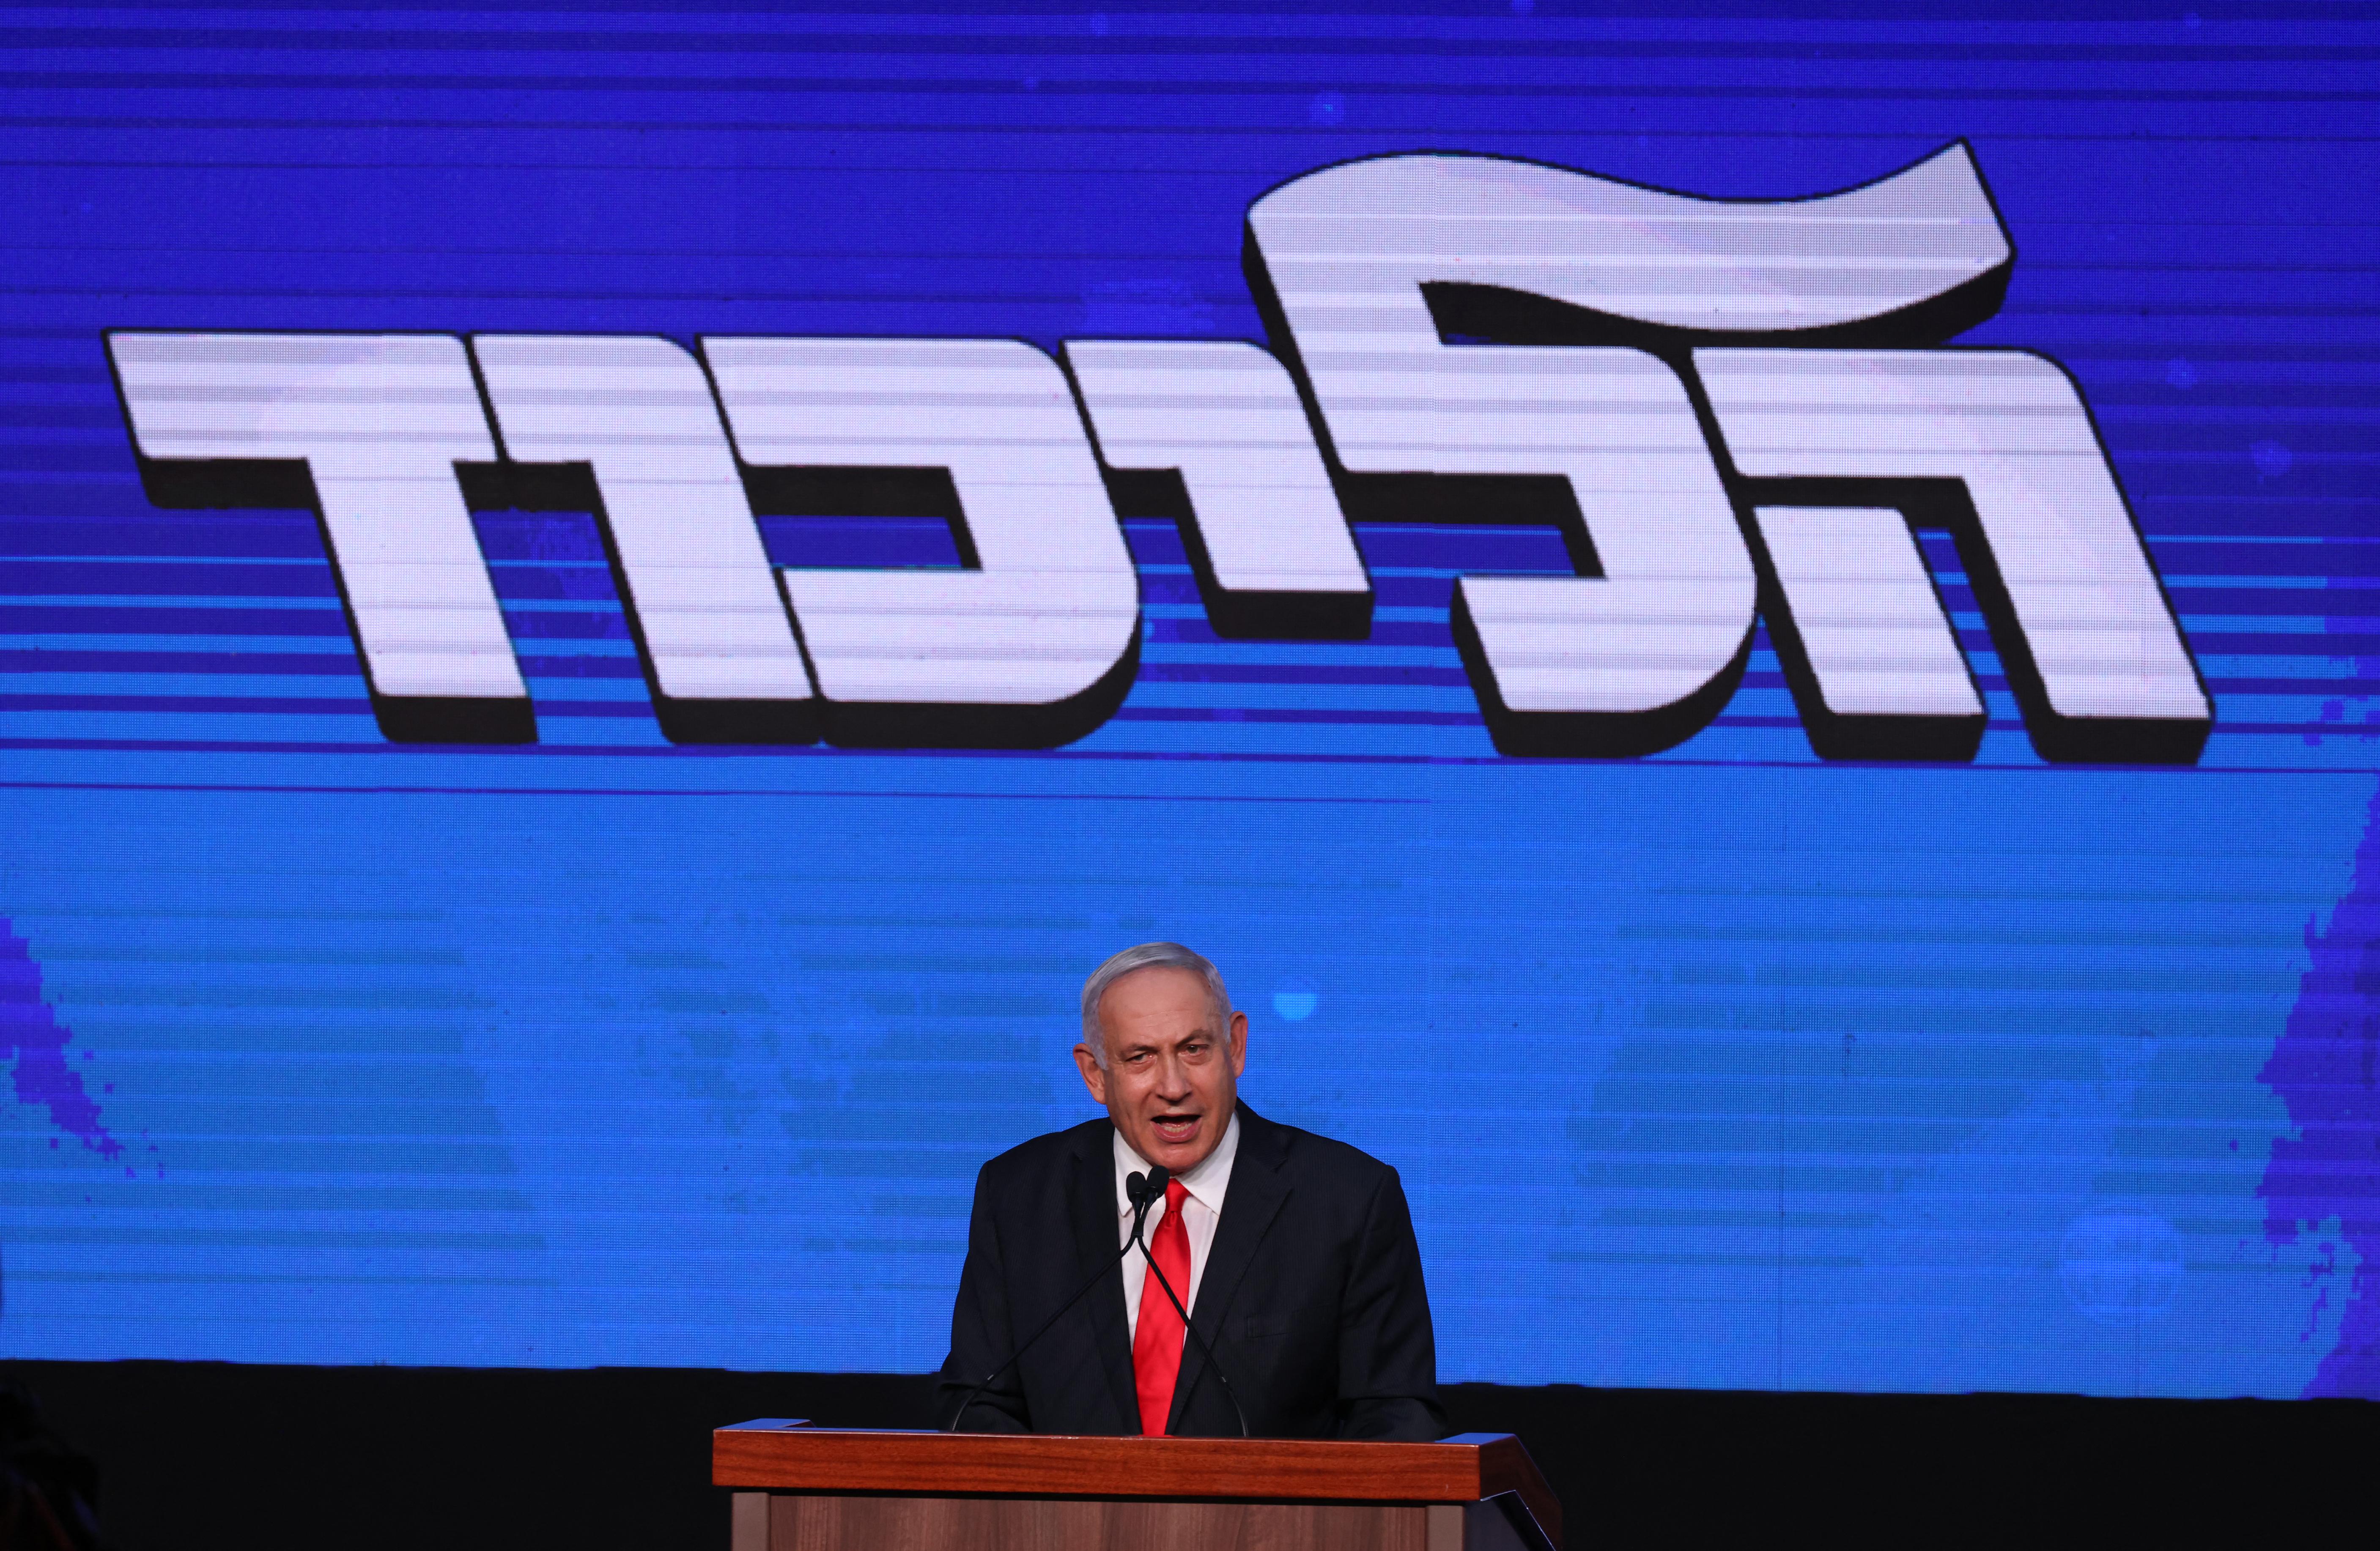 A csaknem végleges izraeli választási eredmények szerint Netanjahu csak egy iszlamista párttal együtt lehet képes kormányalakításra